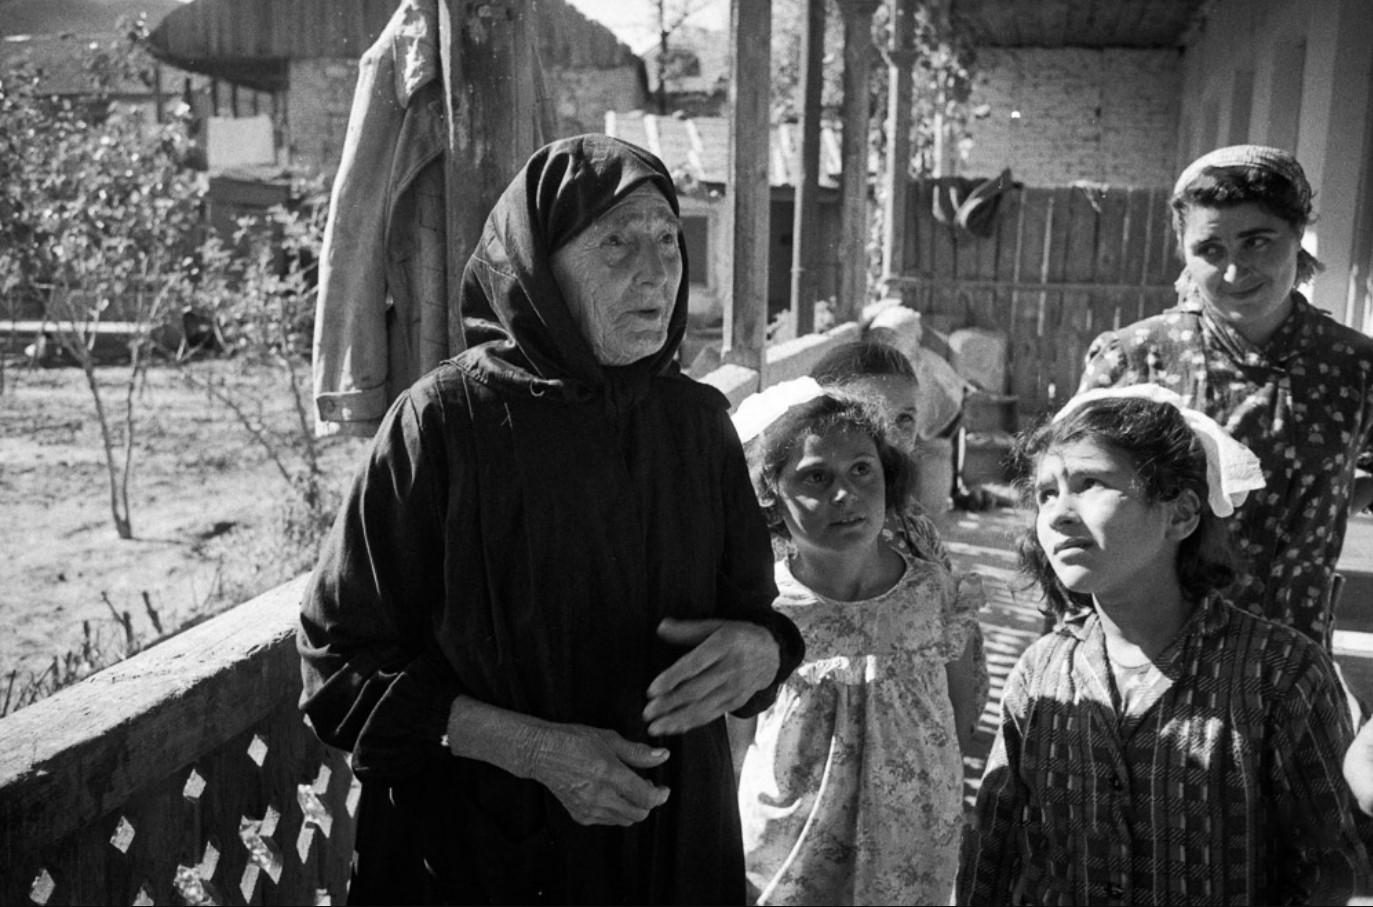 Пожилая женщина в национальное одежде с дочерью и внучками